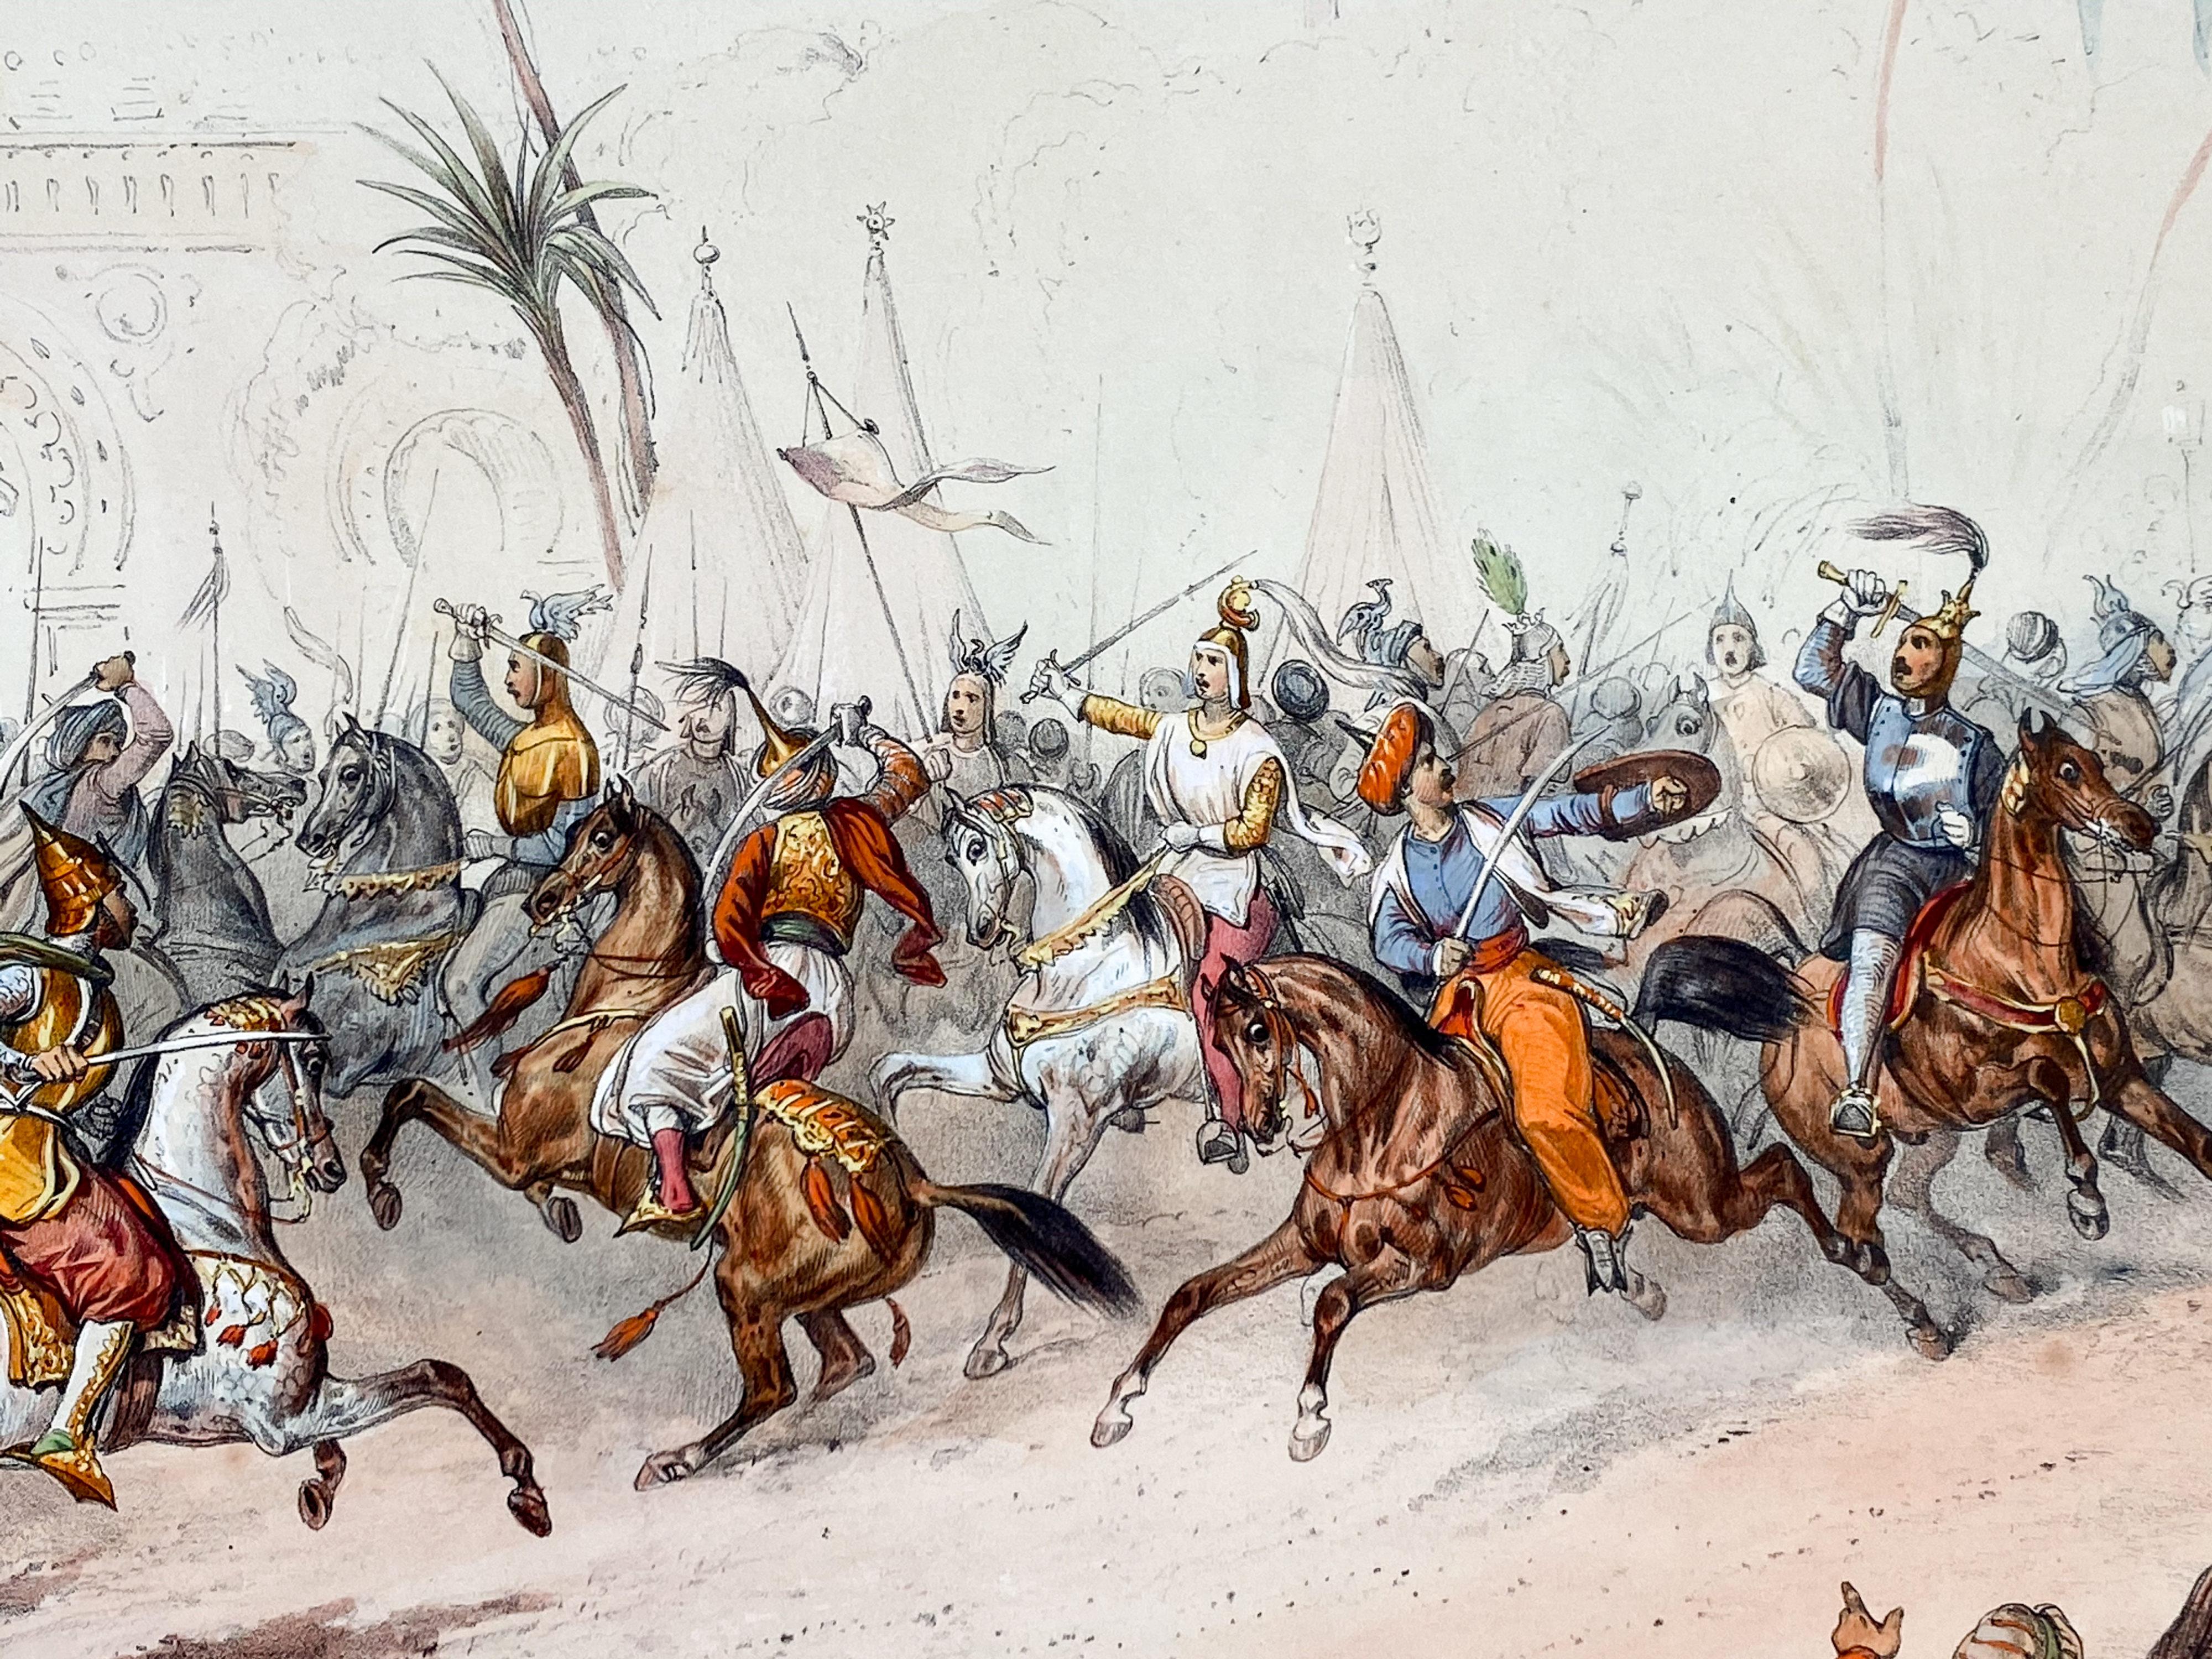 Reiterspiel/Caroussel 1846: Kampfspiele gegen Schluss – Getümmel um Kronprinz Karl